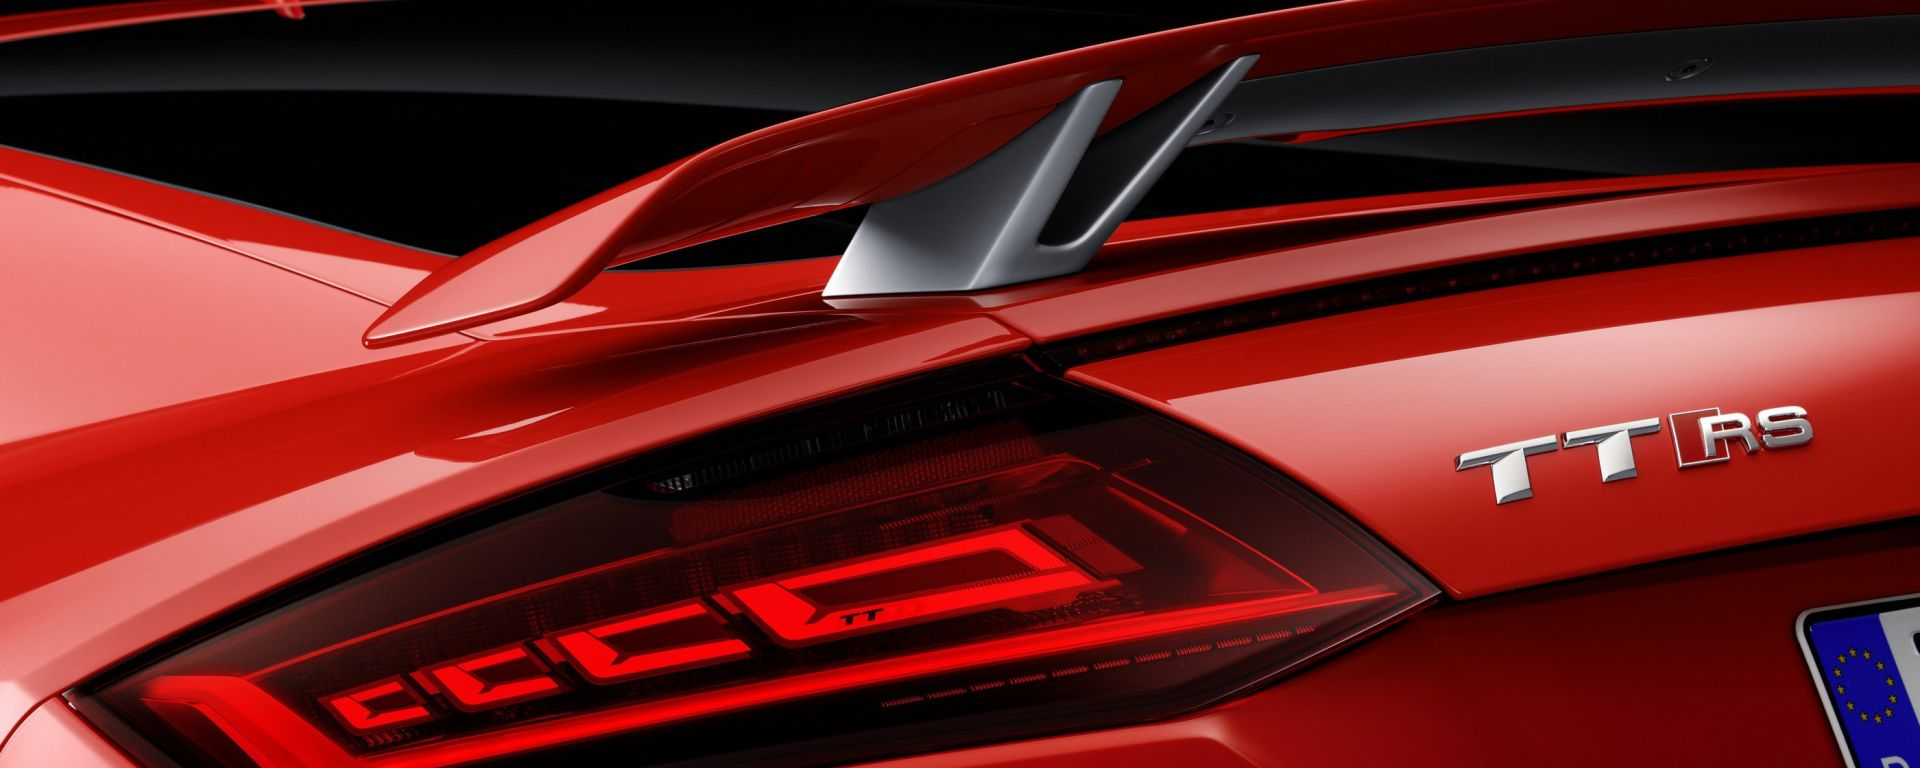 Nuova Audi TT RS luci Oled